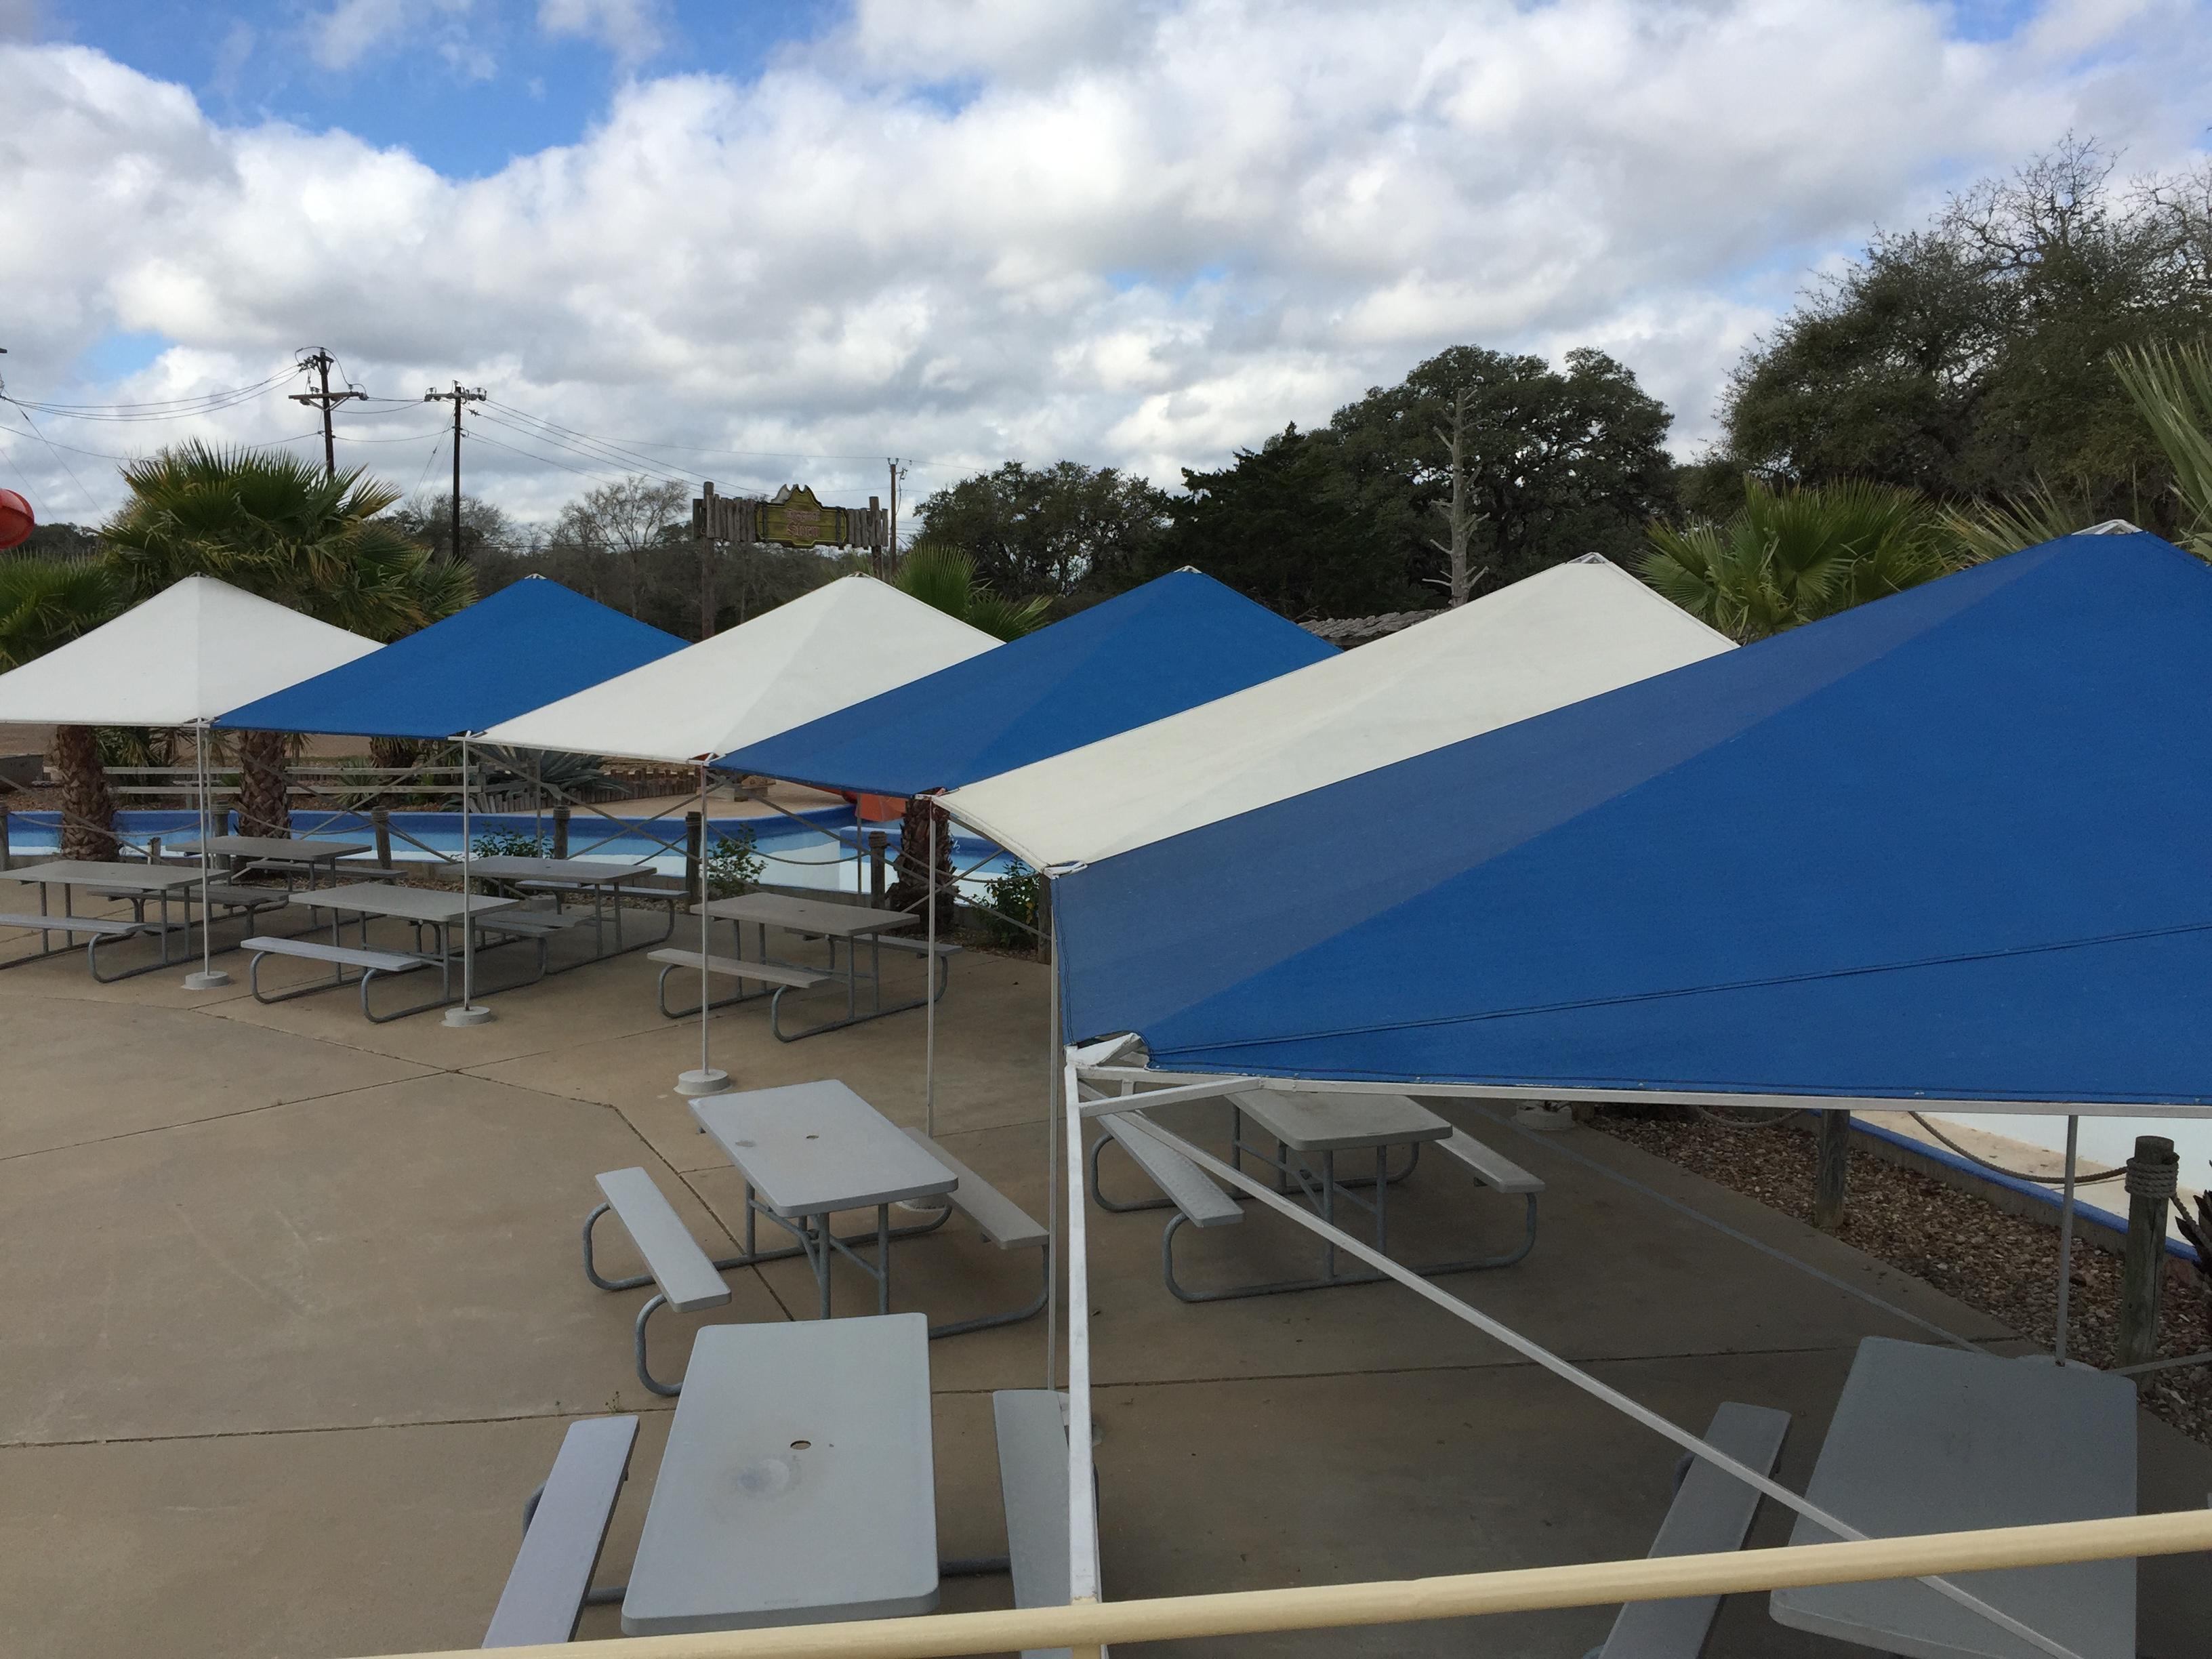 Water Park Kites